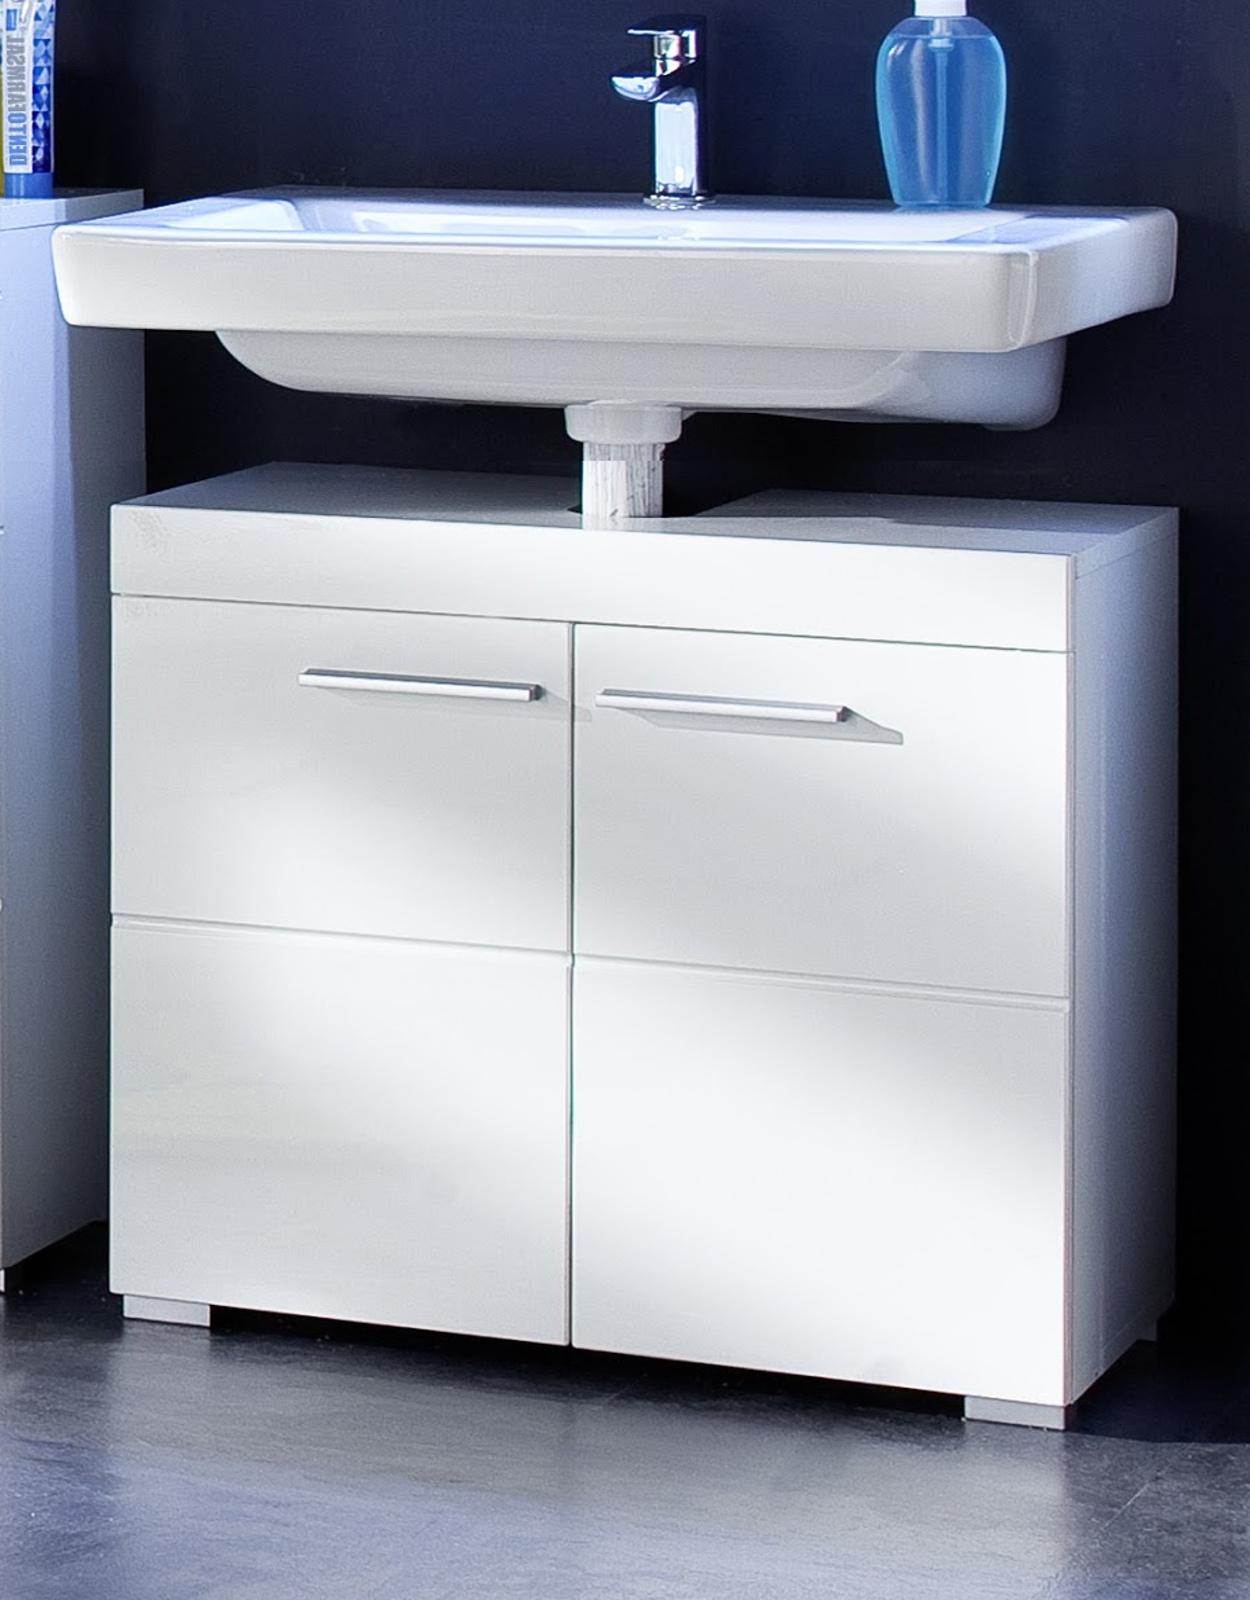 Waschbeckenunterschrank Weiß Gunstig : waschbeckenunterschrank amanda weiß günstig kaufen